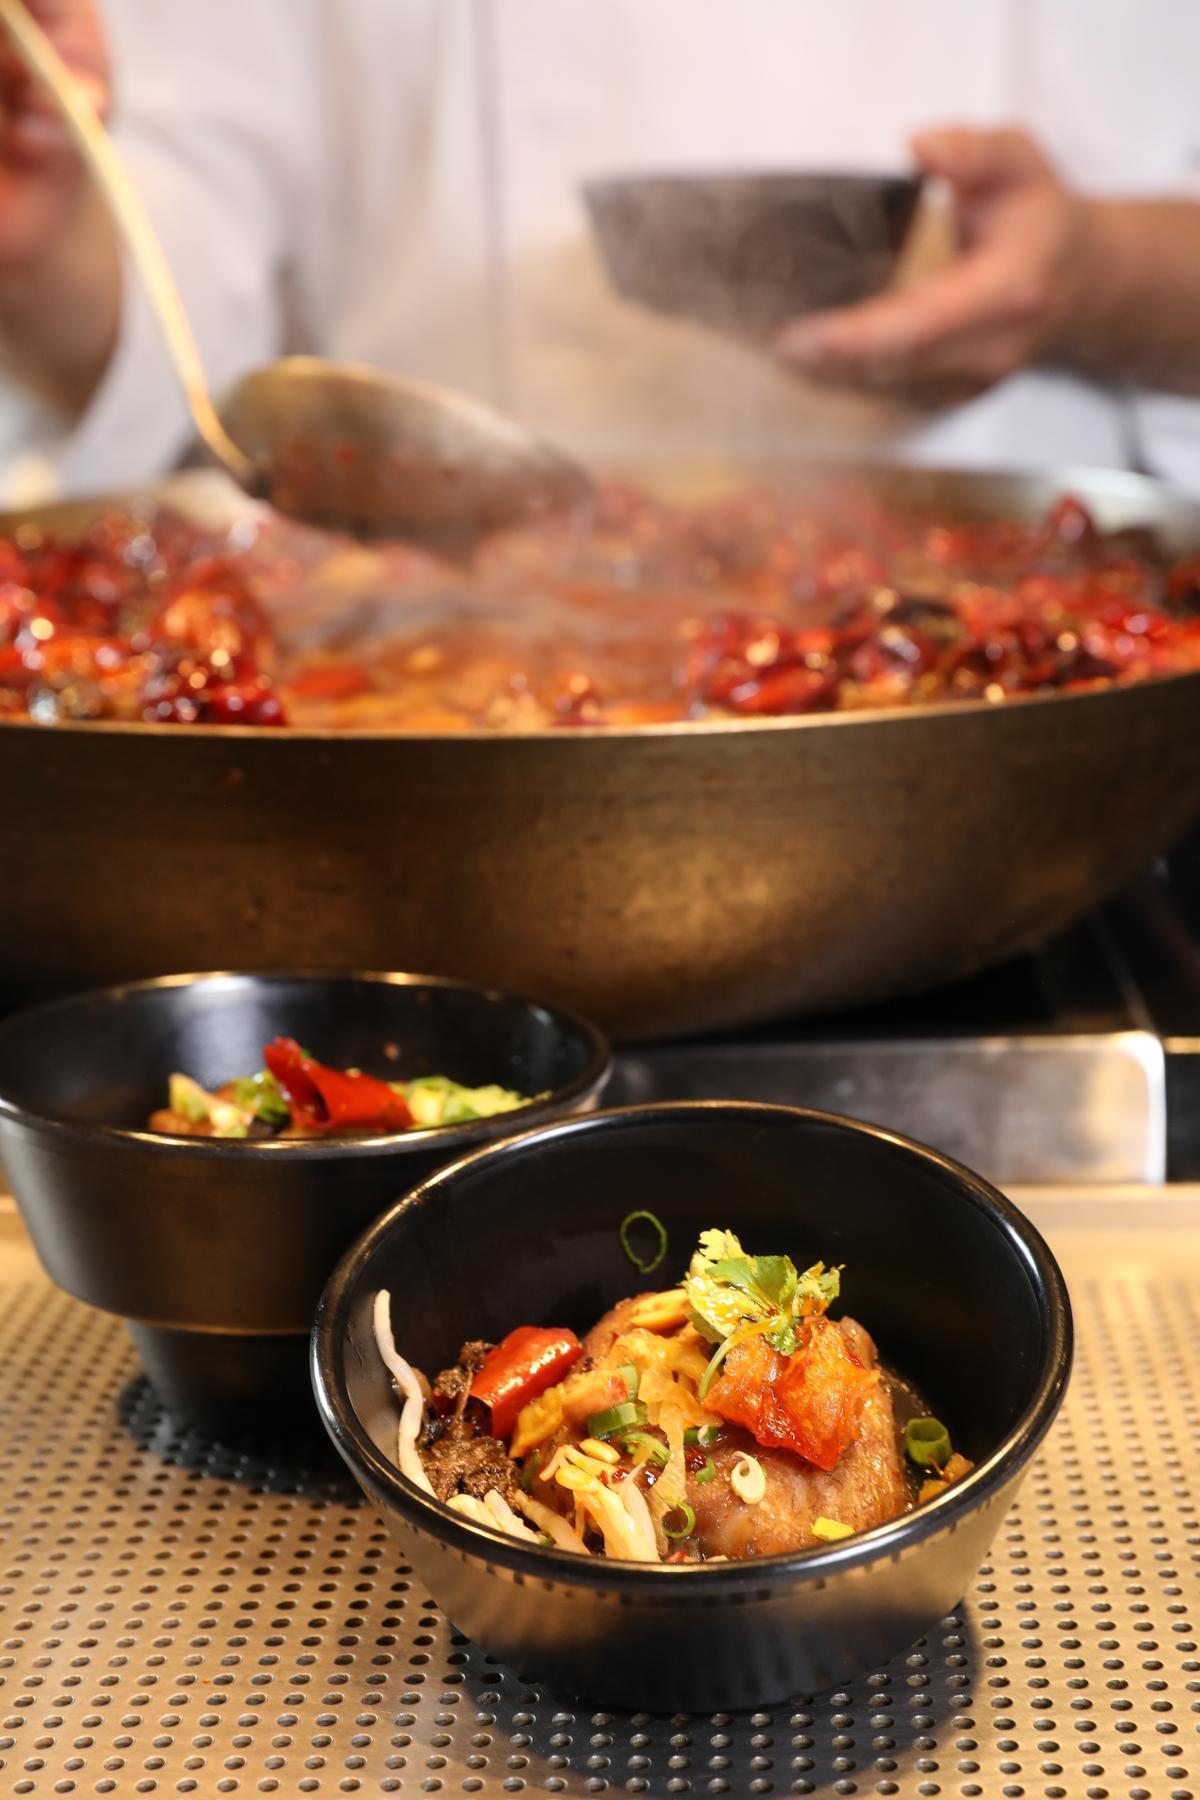 「重慶水煮魚」用乾辣椒、花椒、辣油熬煮而成,香麻微辣。